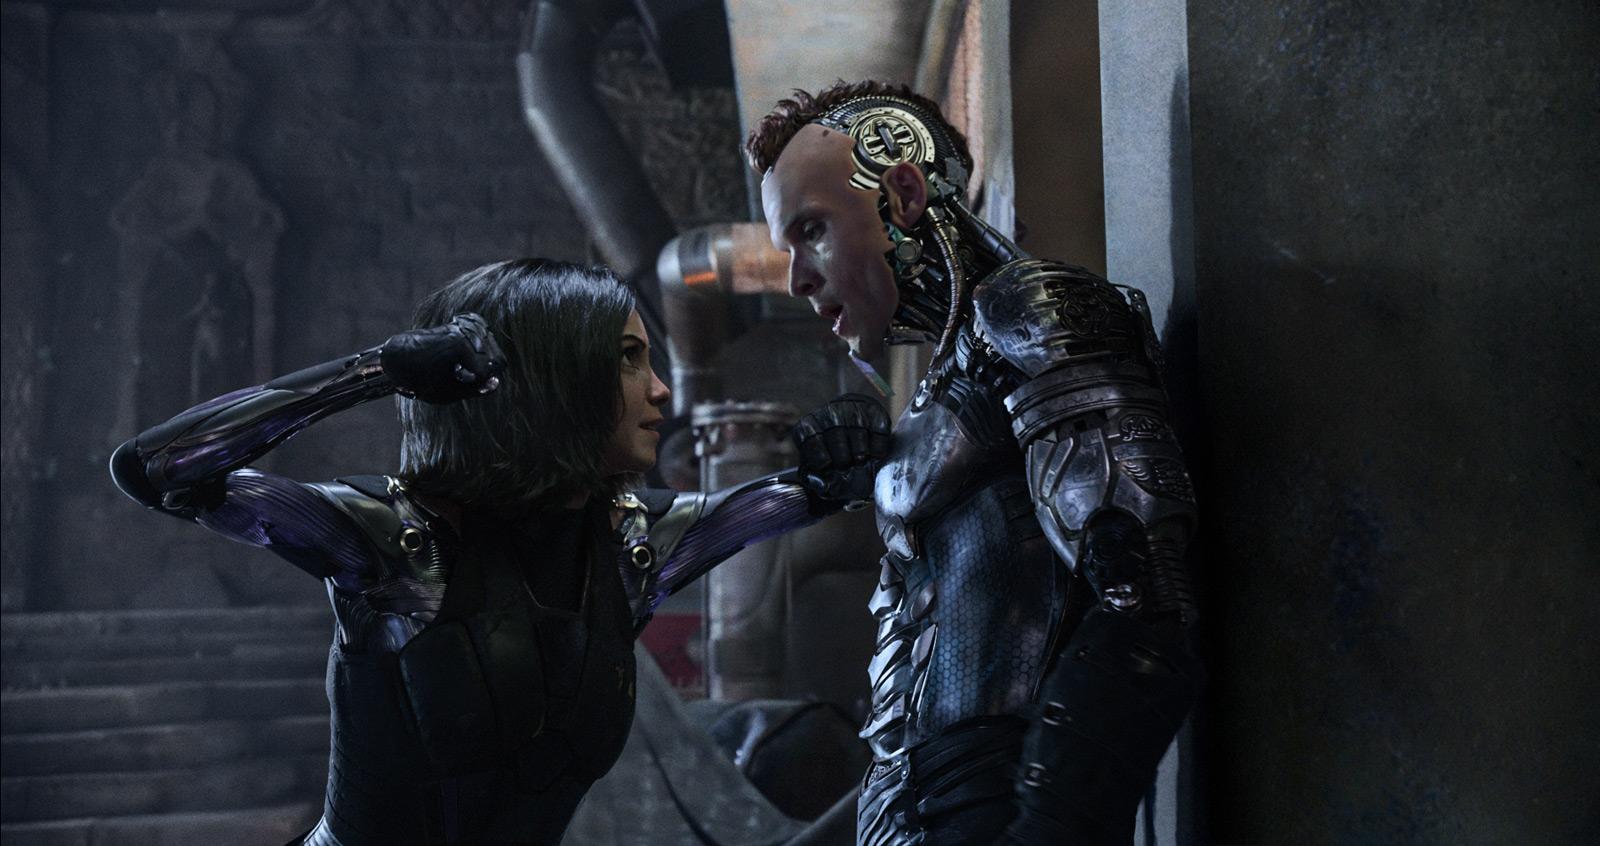 Rosa Salazar and Ed Skrein in Alita: Battle Angel (2019)